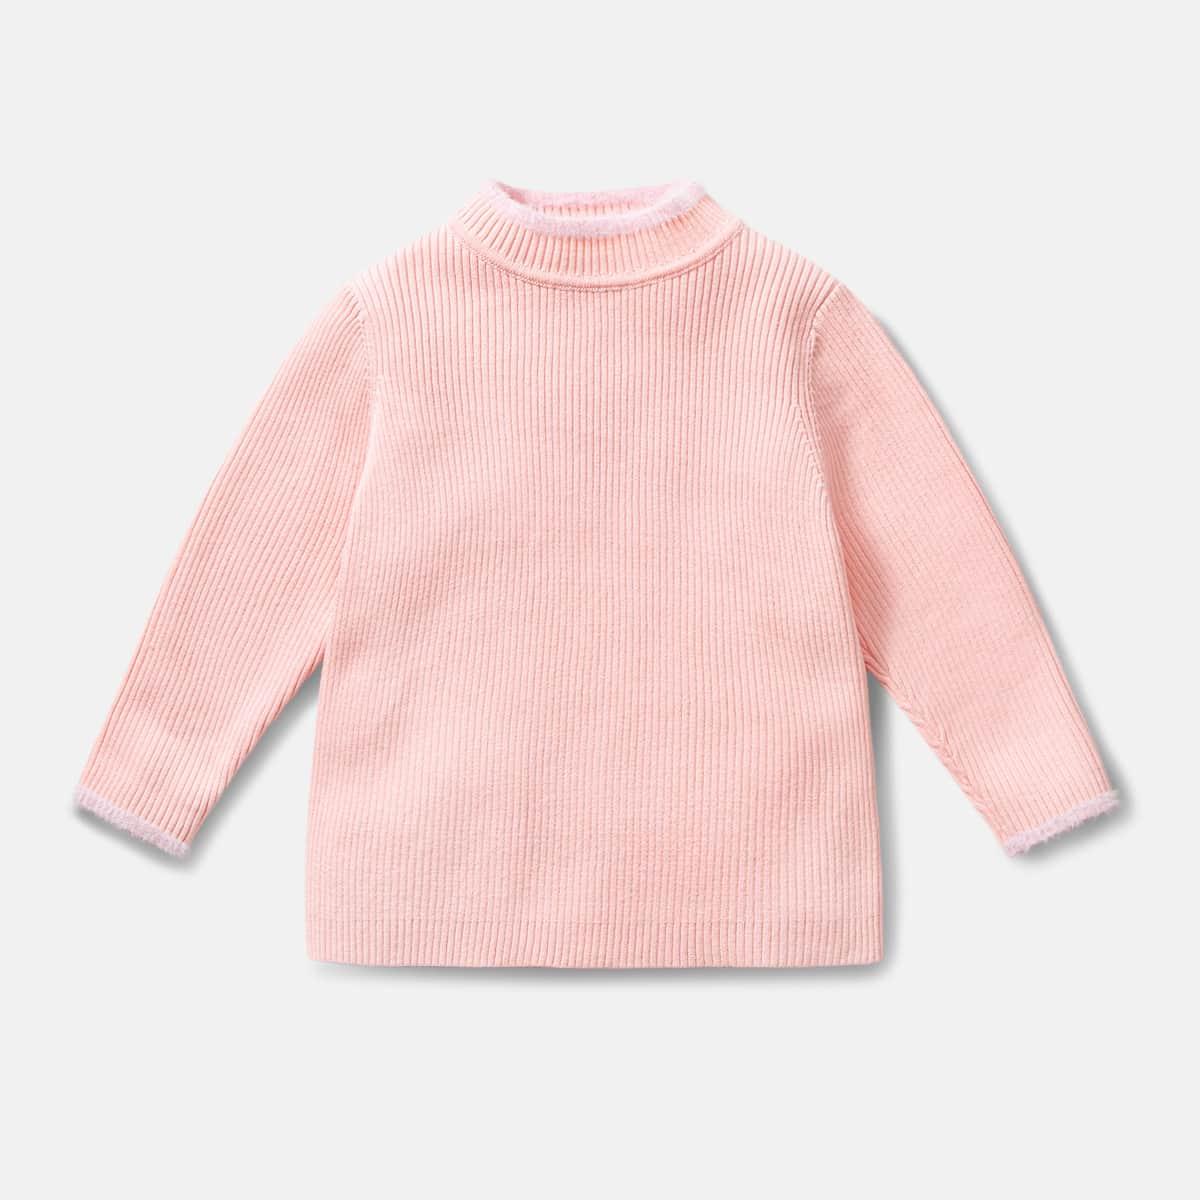 Трикотажный одноцветный повседневный свитеры для девочек